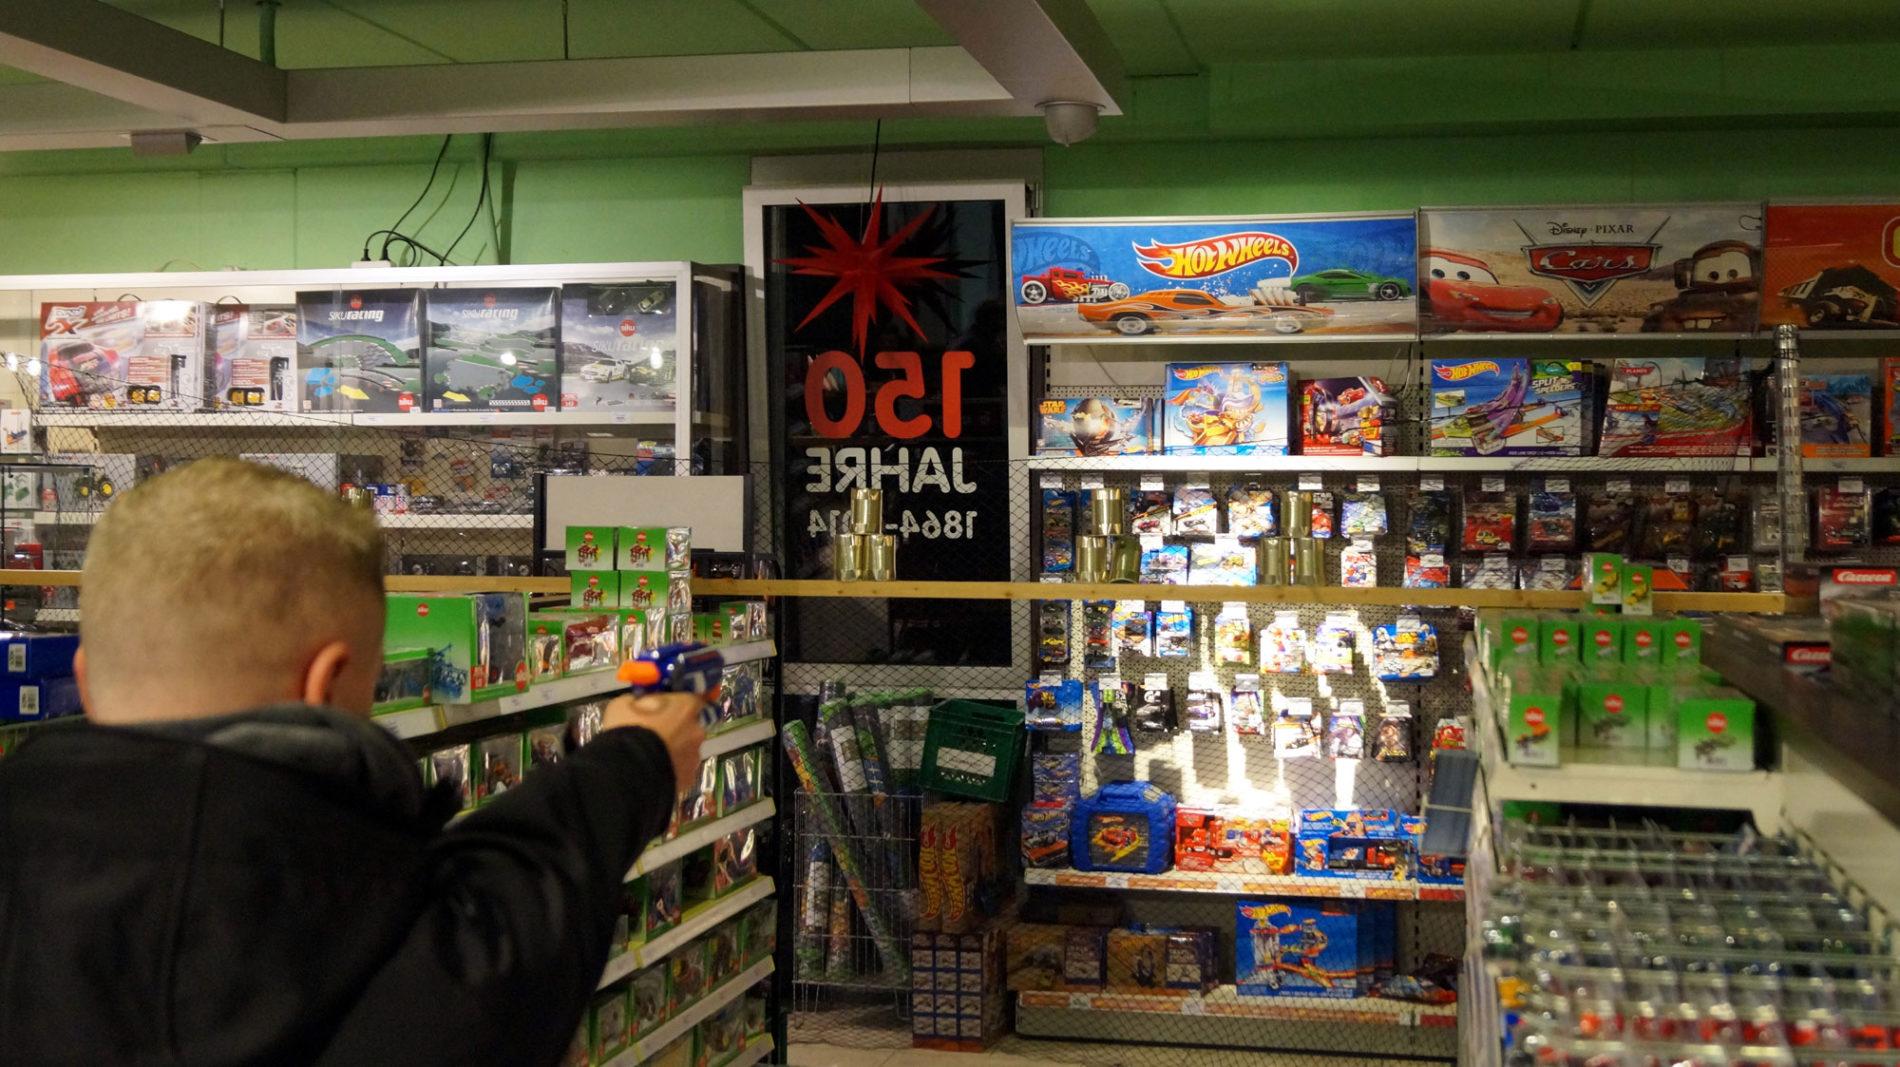 Dosenschießen beim Männerabend im Spielzeugladen Schütte in Gifhorn